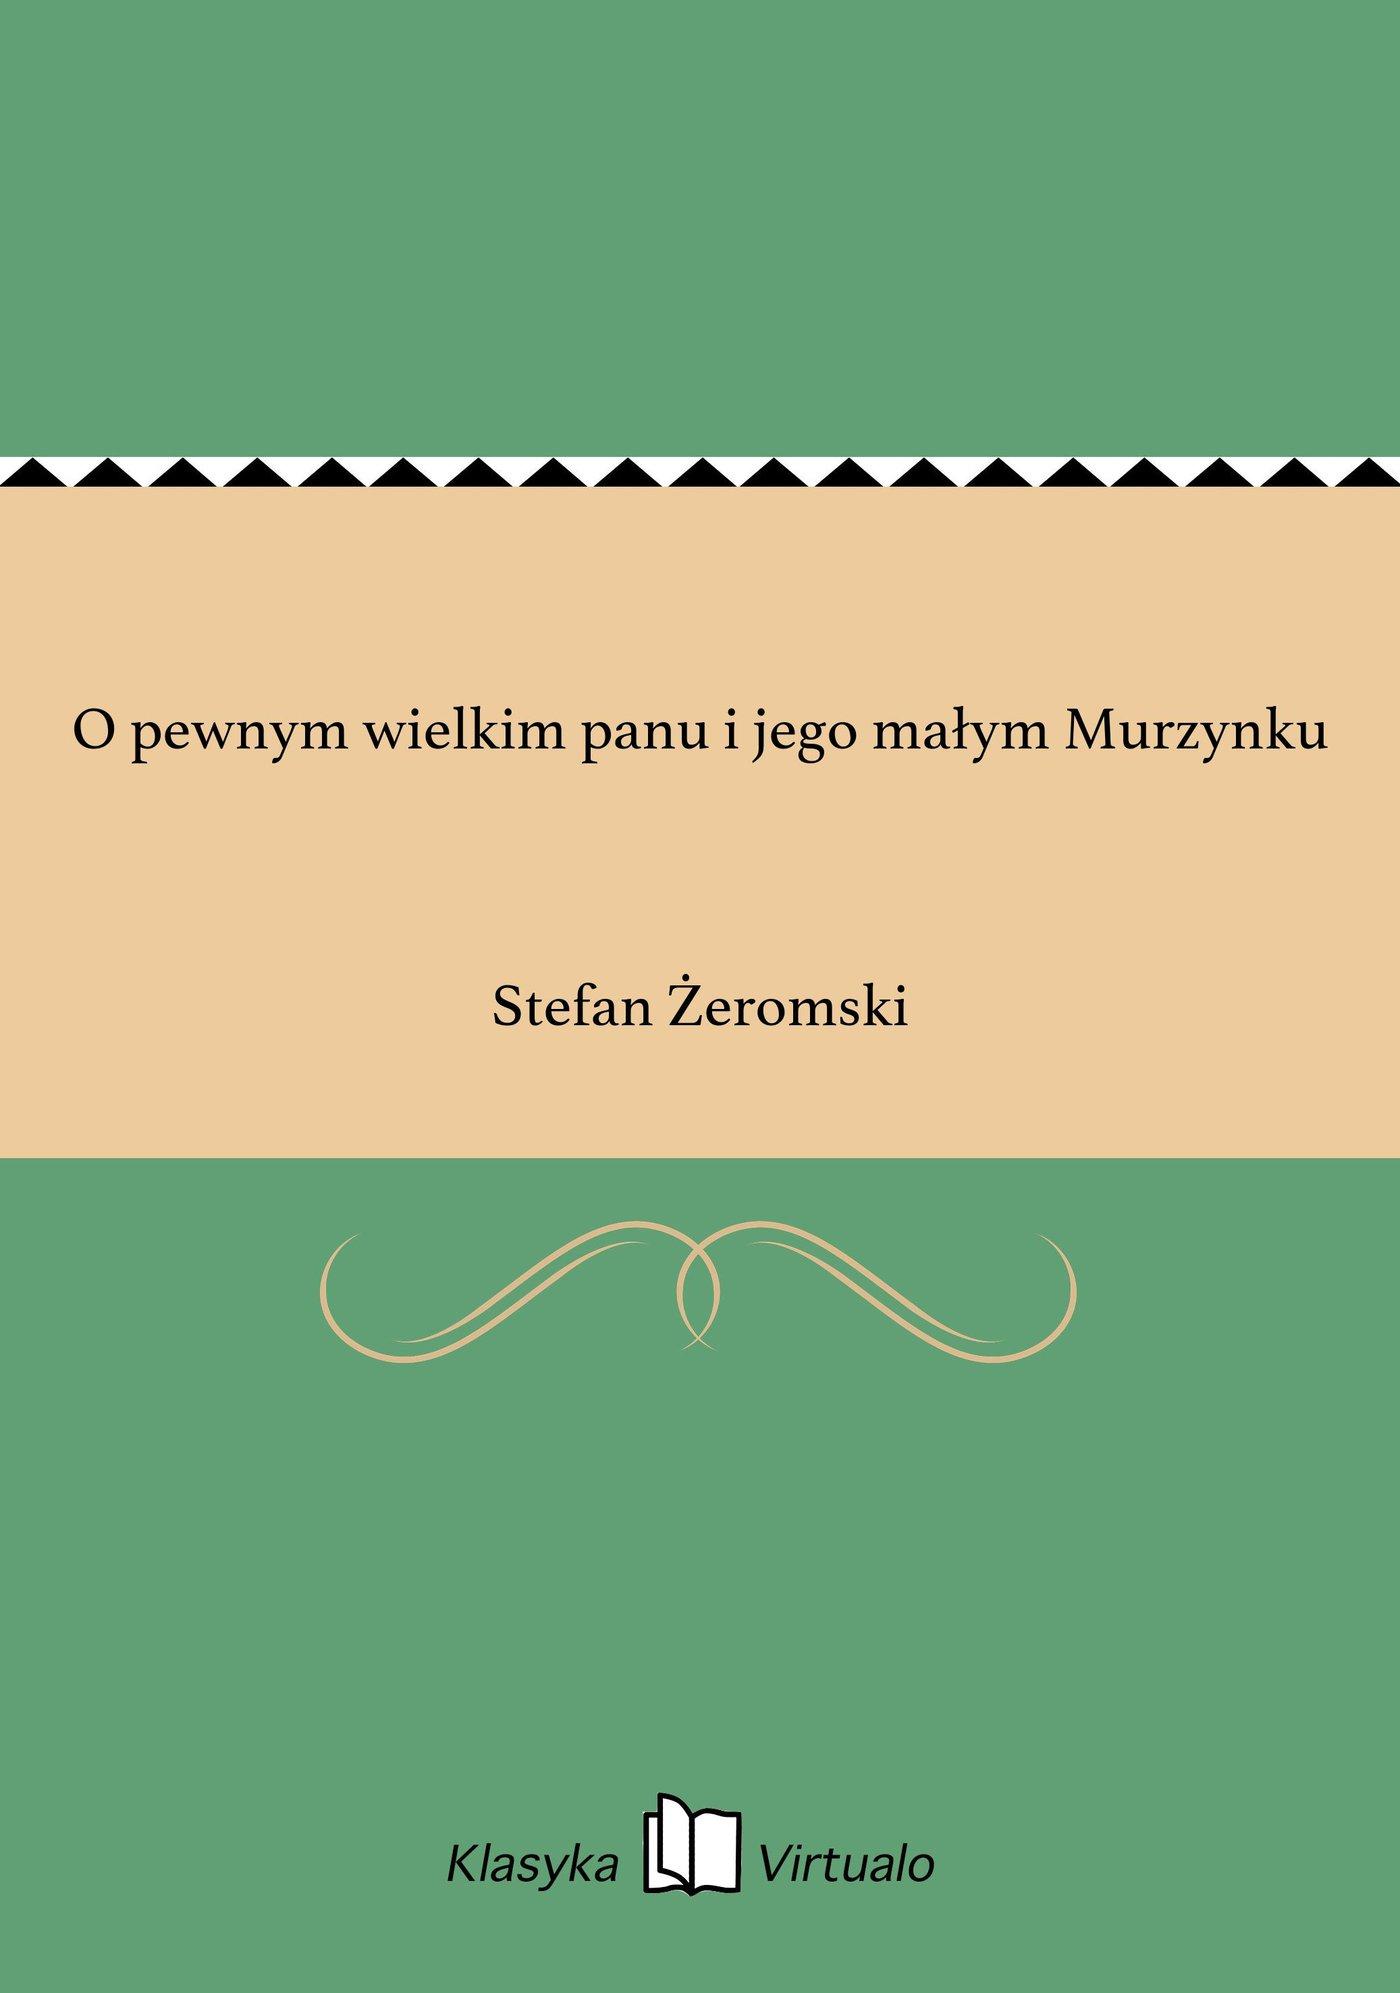 O pewnym wielkim panu i jego małym Murzynku - Ebook (Książka na Kindle) do pobrania w formacie MOBI